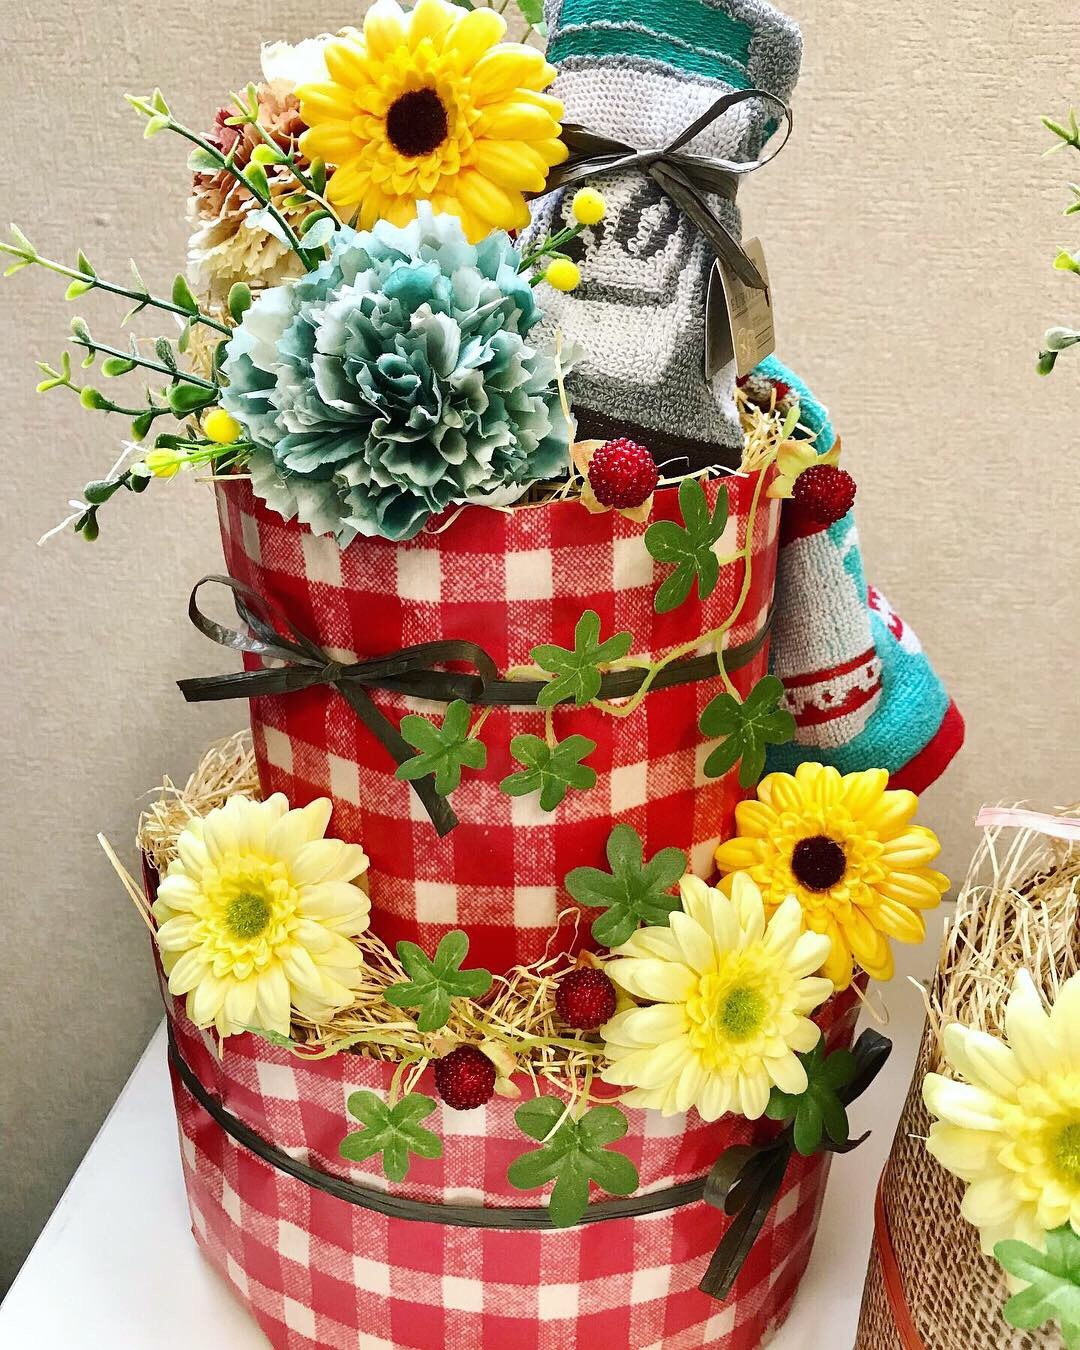 BIG おむつケーキ(チェック)  おむつケーキ  出産祝い ギフト オシャレ 個性的  かわいい  キャラクター